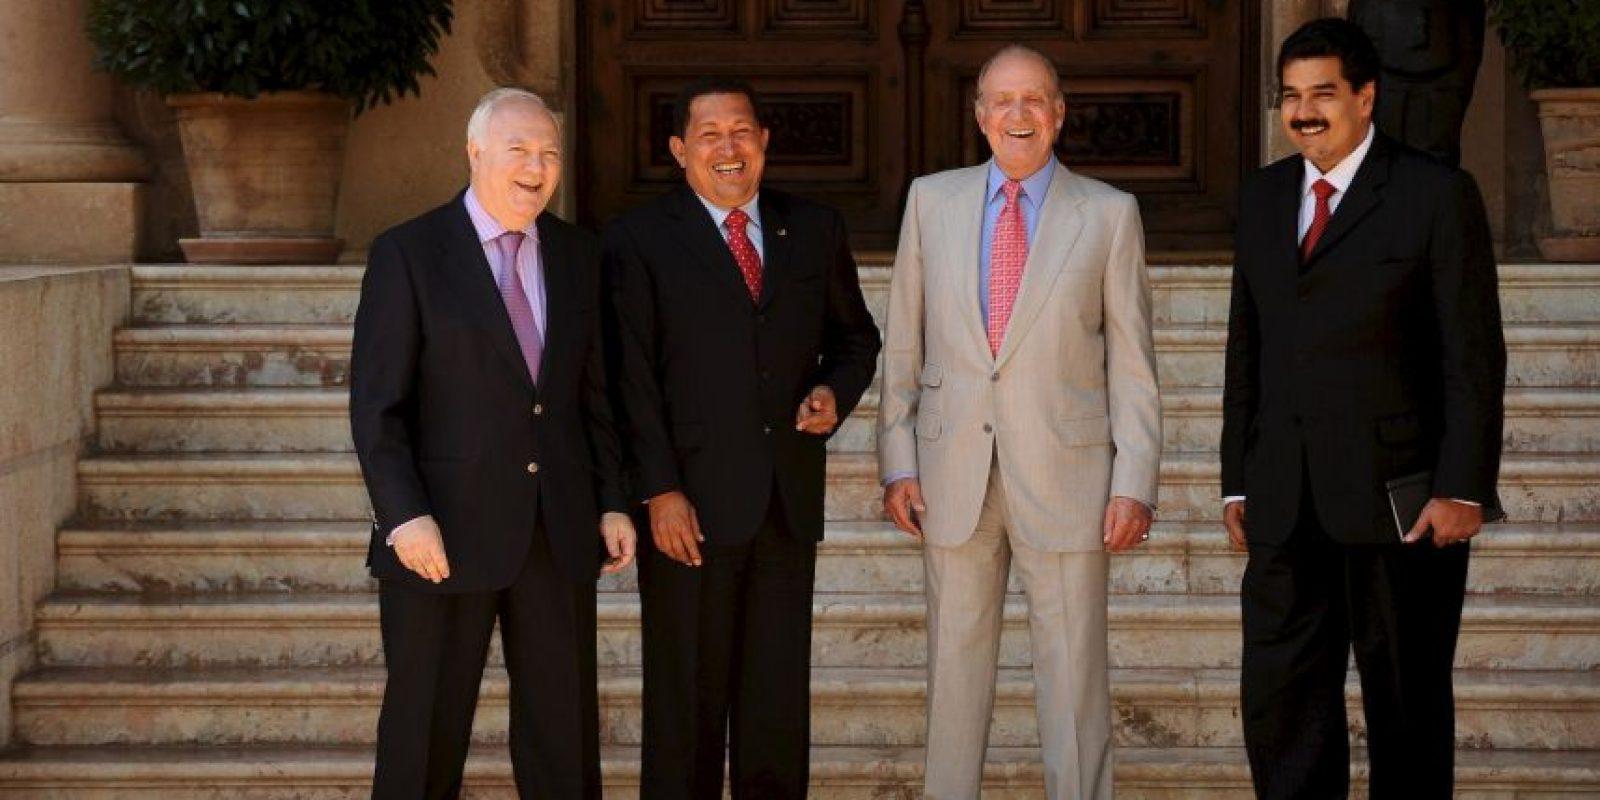 2008: Como Ministro de Asuntos Exteriores, acompañando al entonces Presidente Hugo Chávez a visitar al Rey Juan Carlos de España Foto:Getty Images